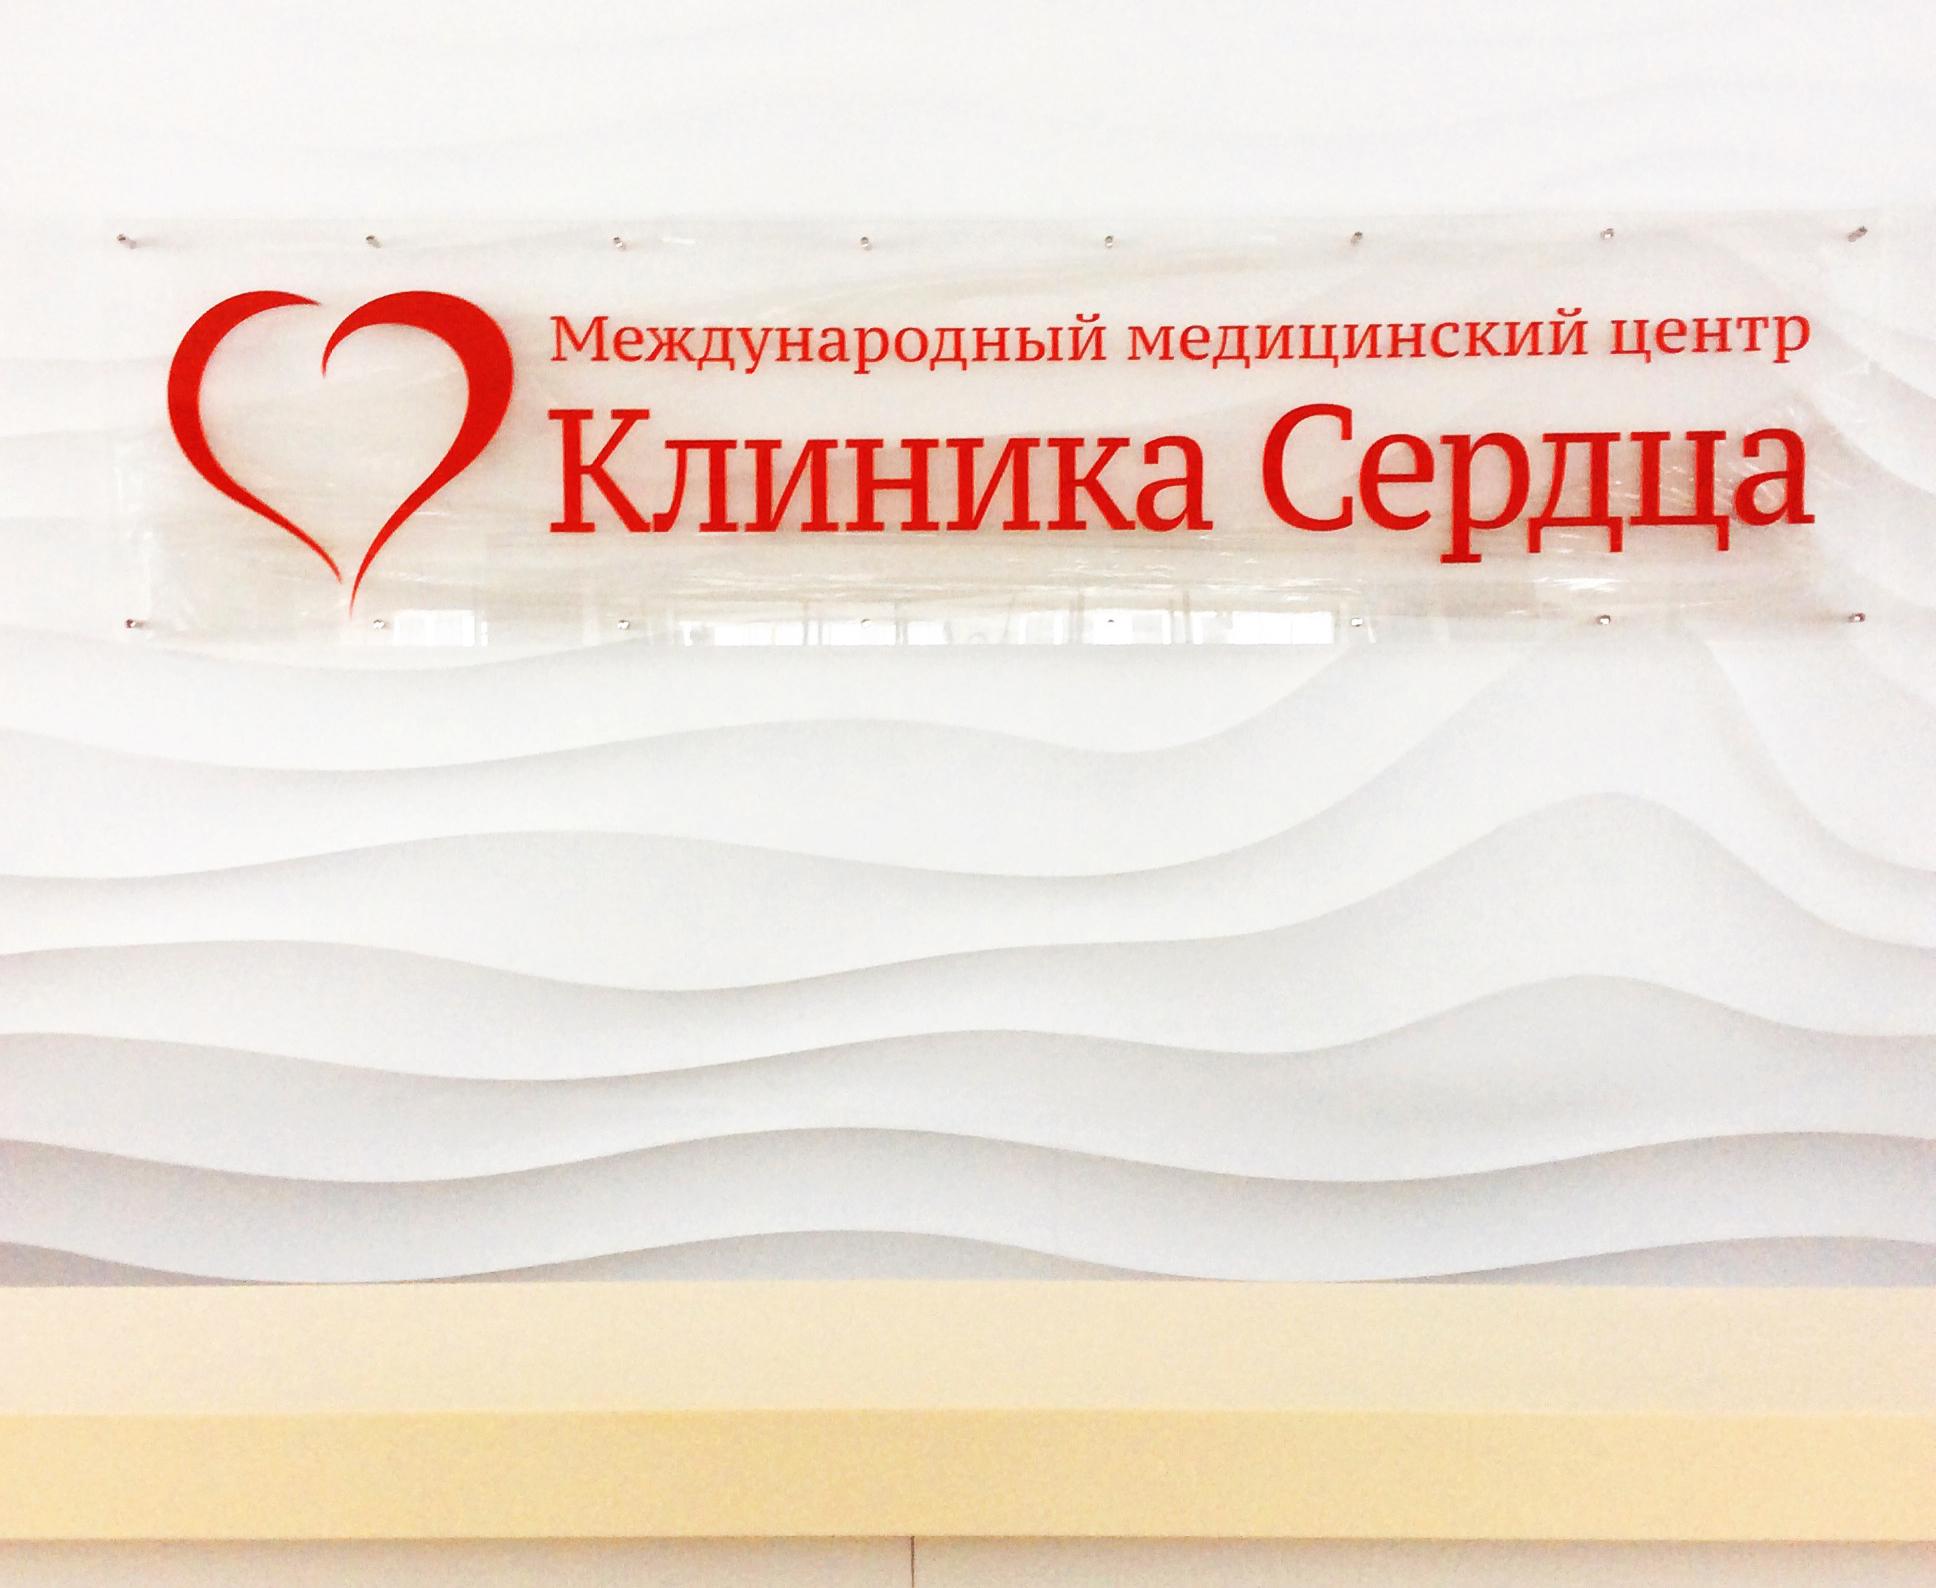 Клиника Сердца на стекле